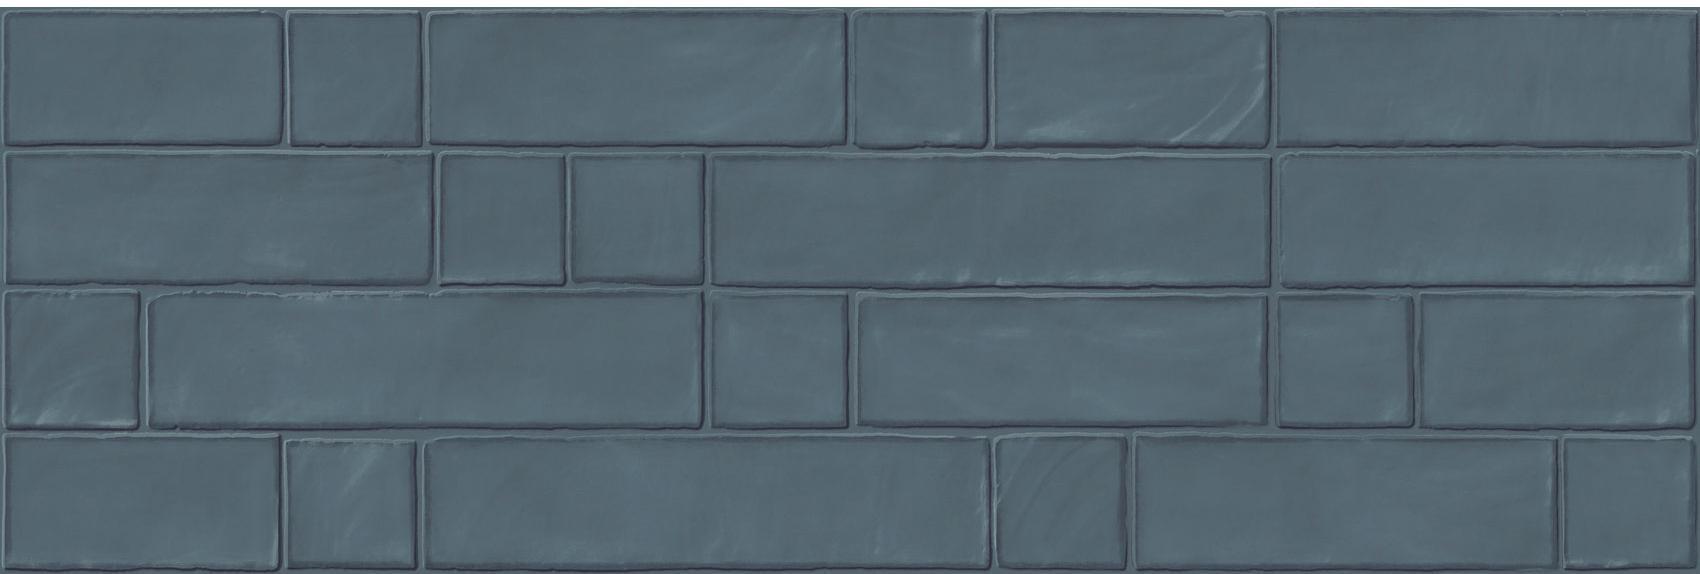 Купить Керамическая плитка Azteca Atelier Muretto Marine настенная 30x90, Испания